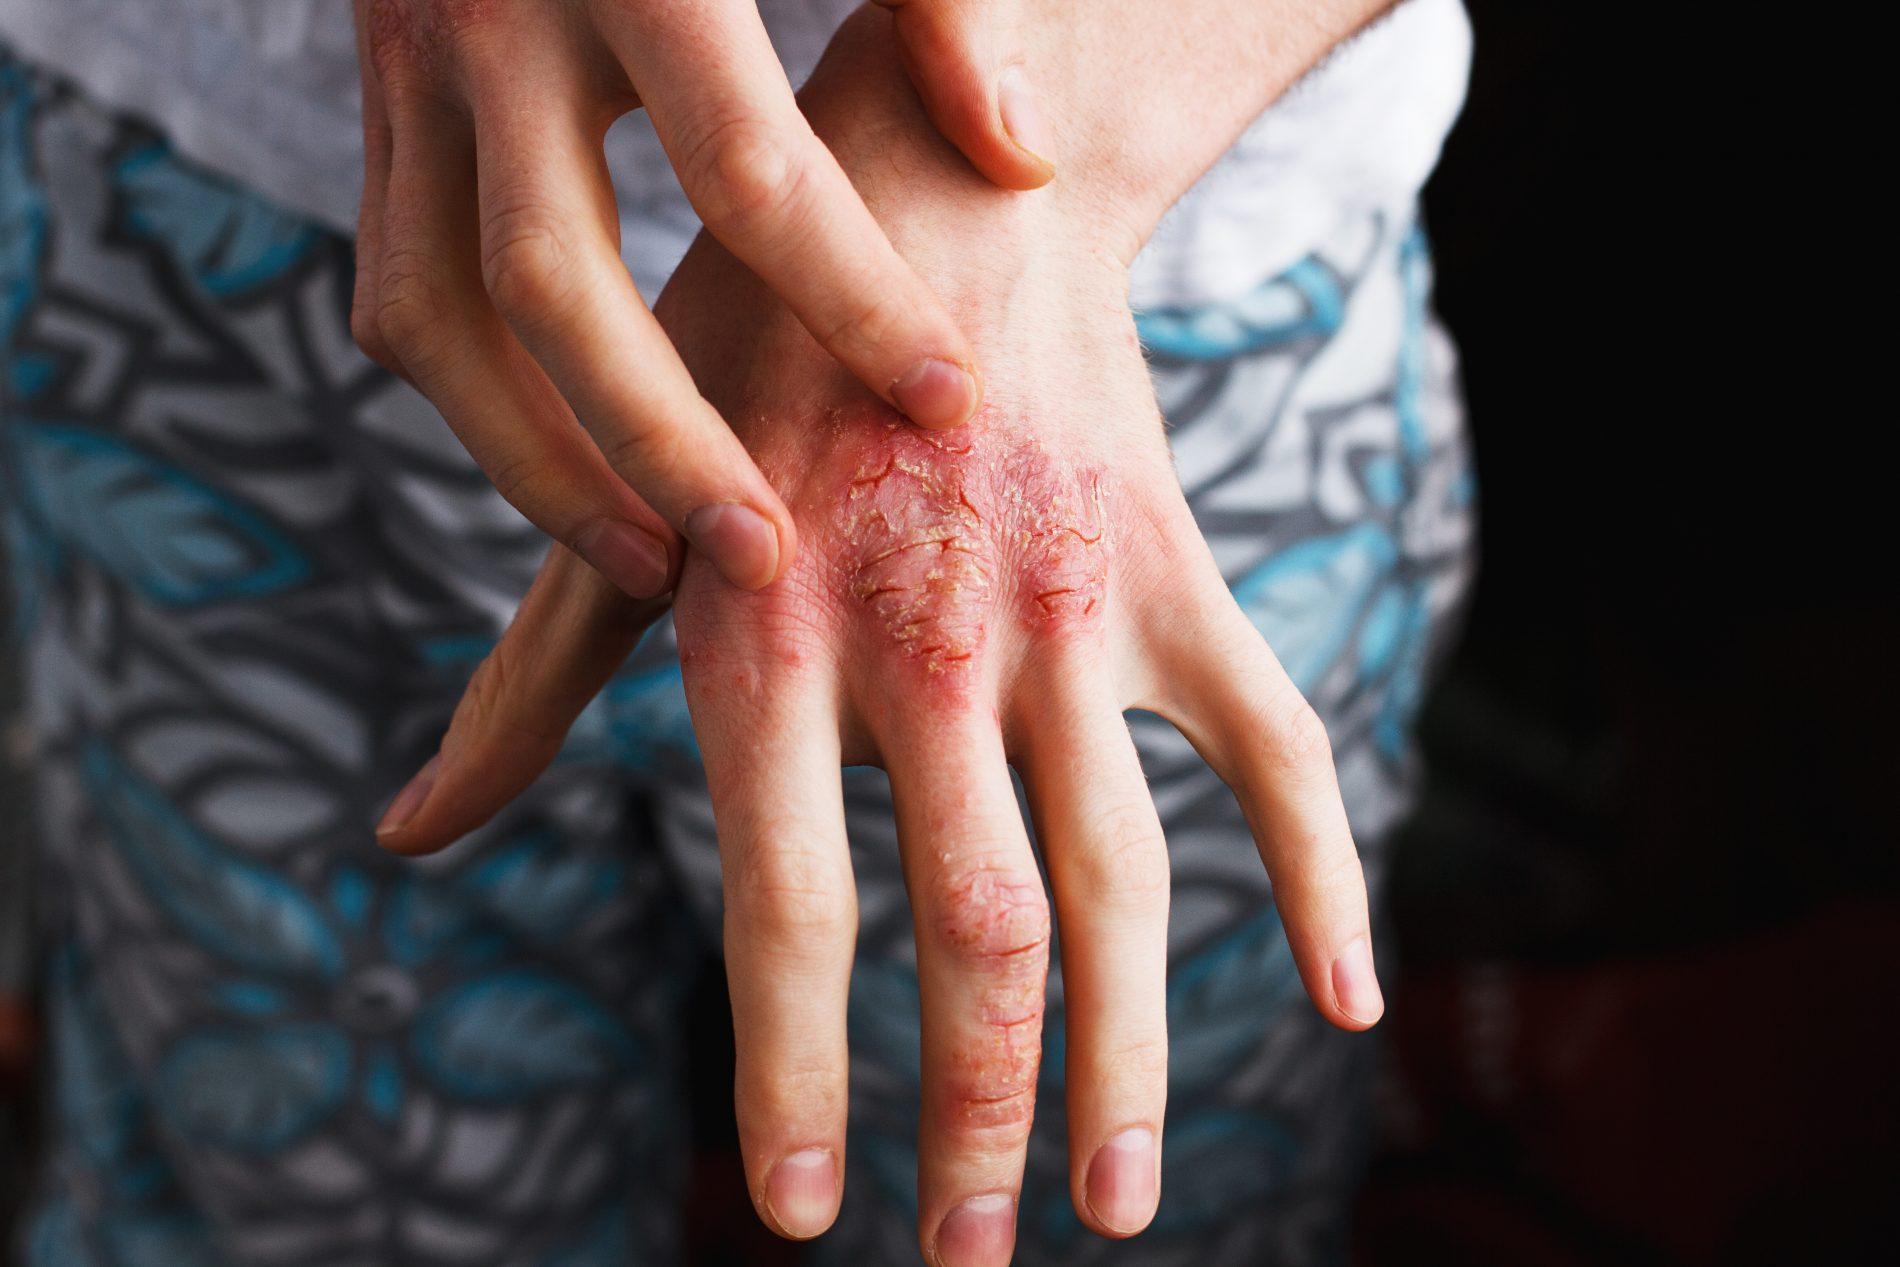 dermatiti: tipi e caratteristiche